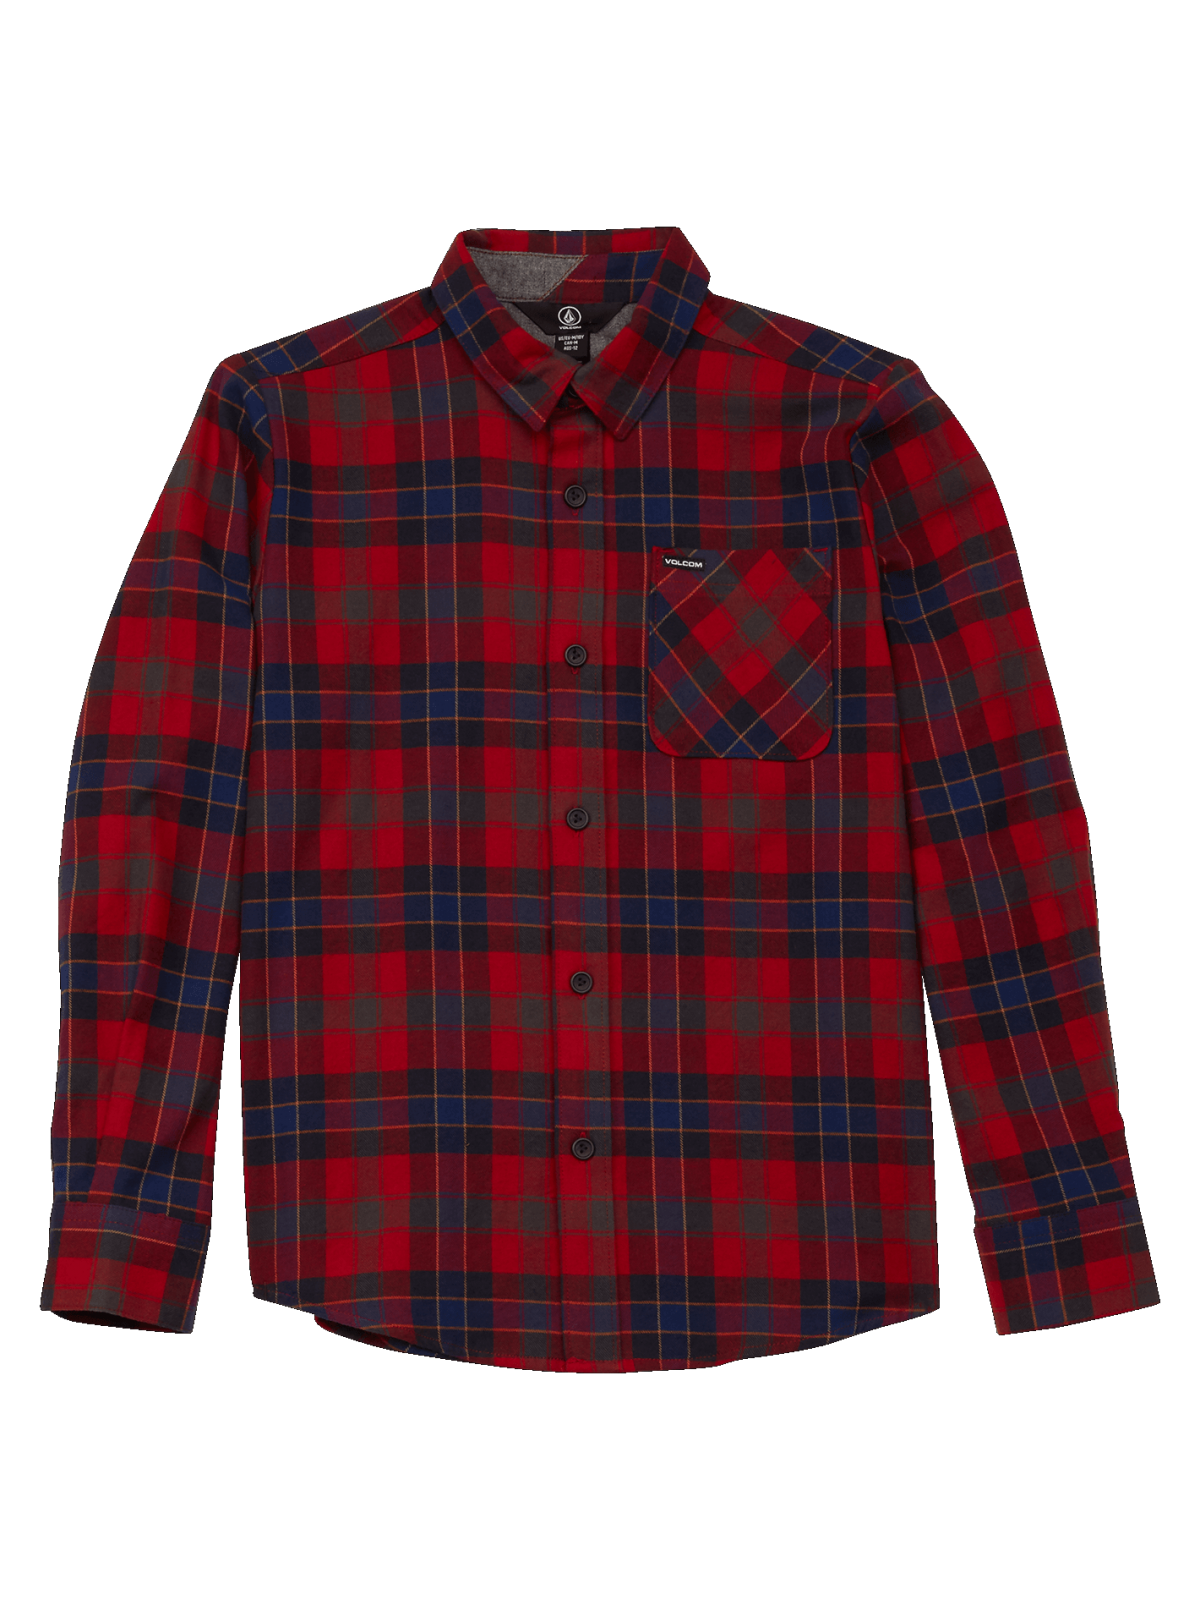 Volcom Boys (8-14) Caden Plaid Shirt Engine Red